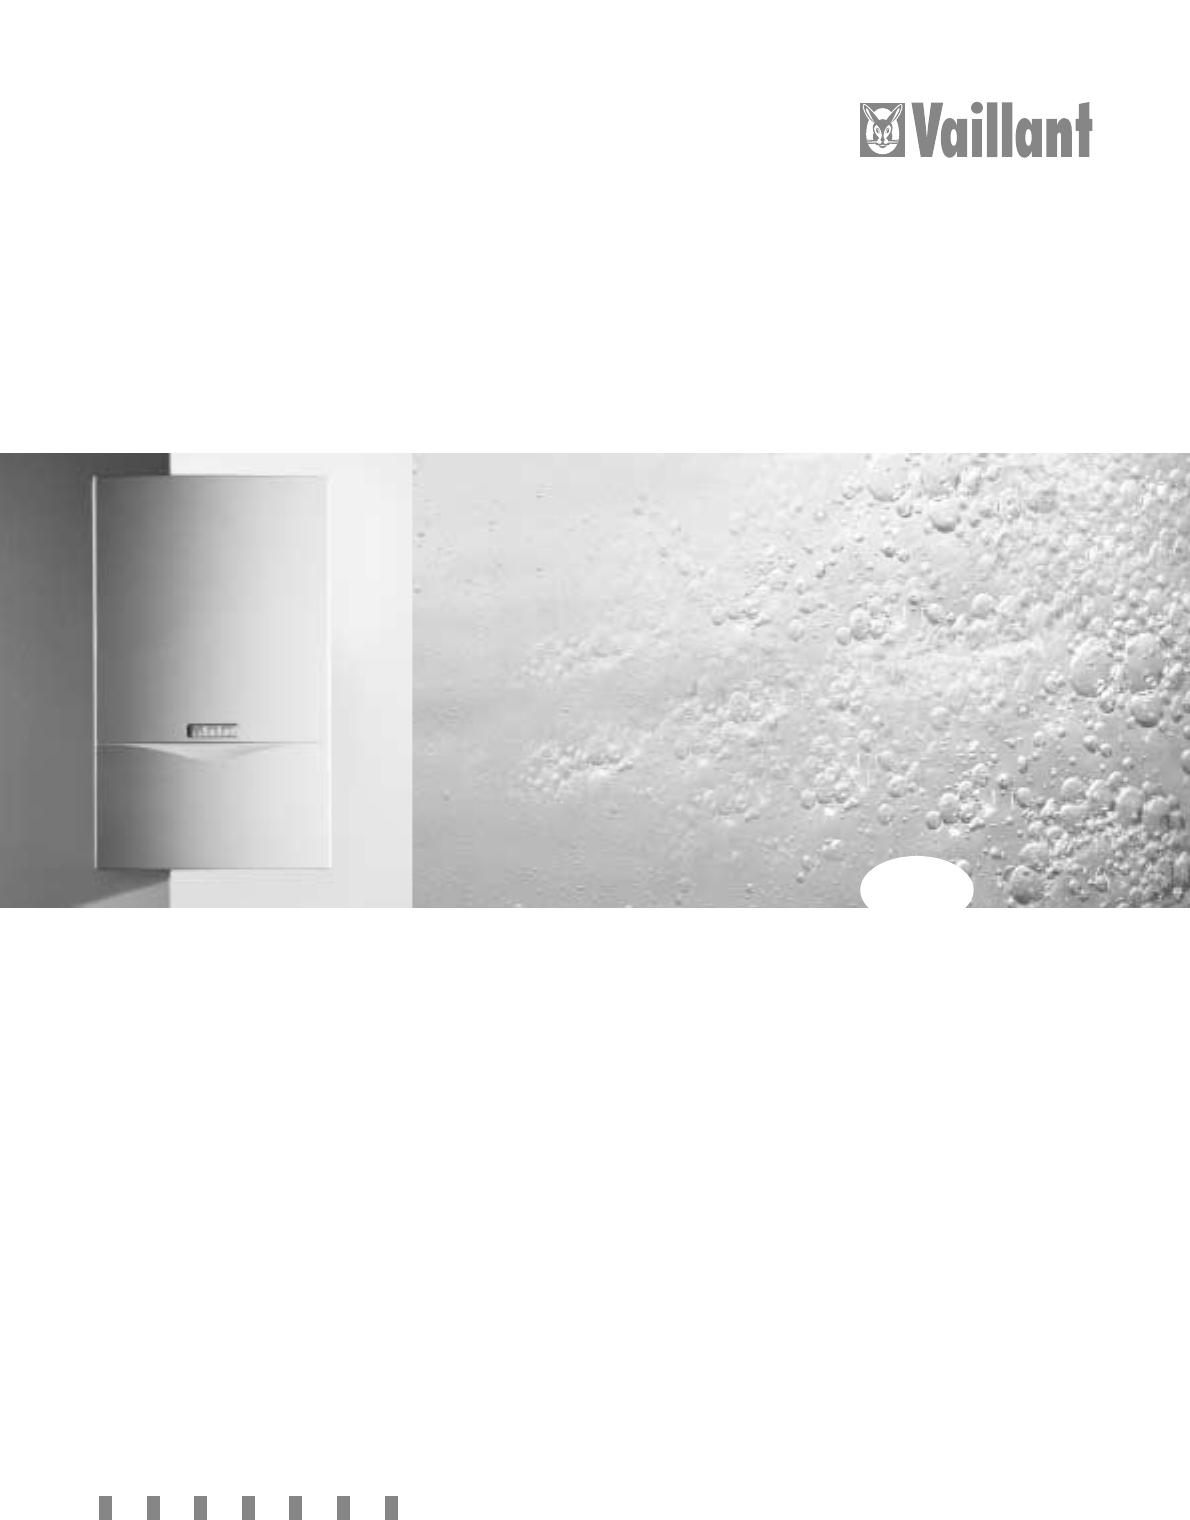 bedienungsanleitung vaillant atmotec classic seite 1 von 24 deutsch. Black Bedroom Furniture Sets. Home Design Ideas